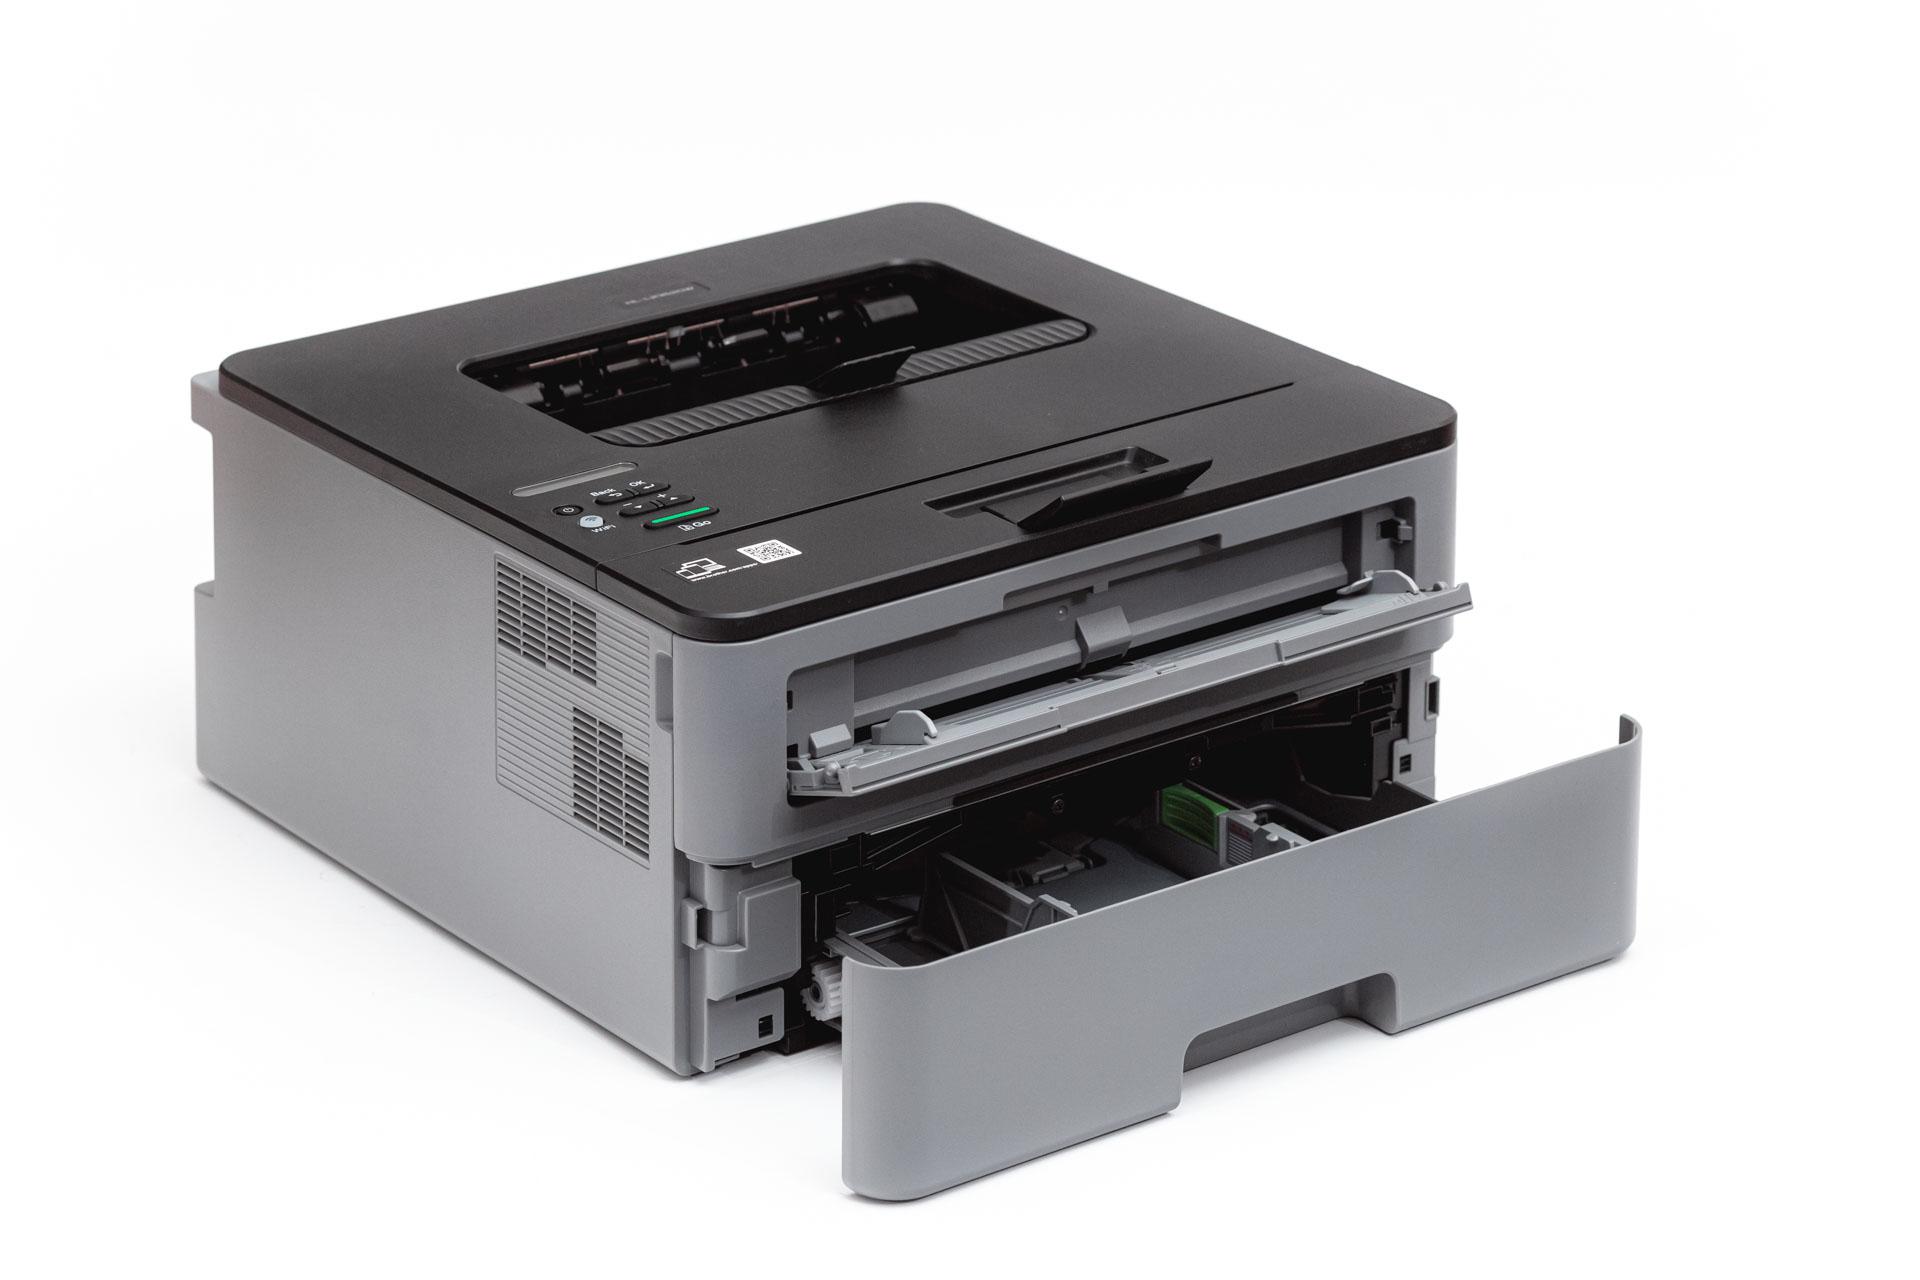 L2352DW – Költséghatékony Brother duplex lézernyomtató